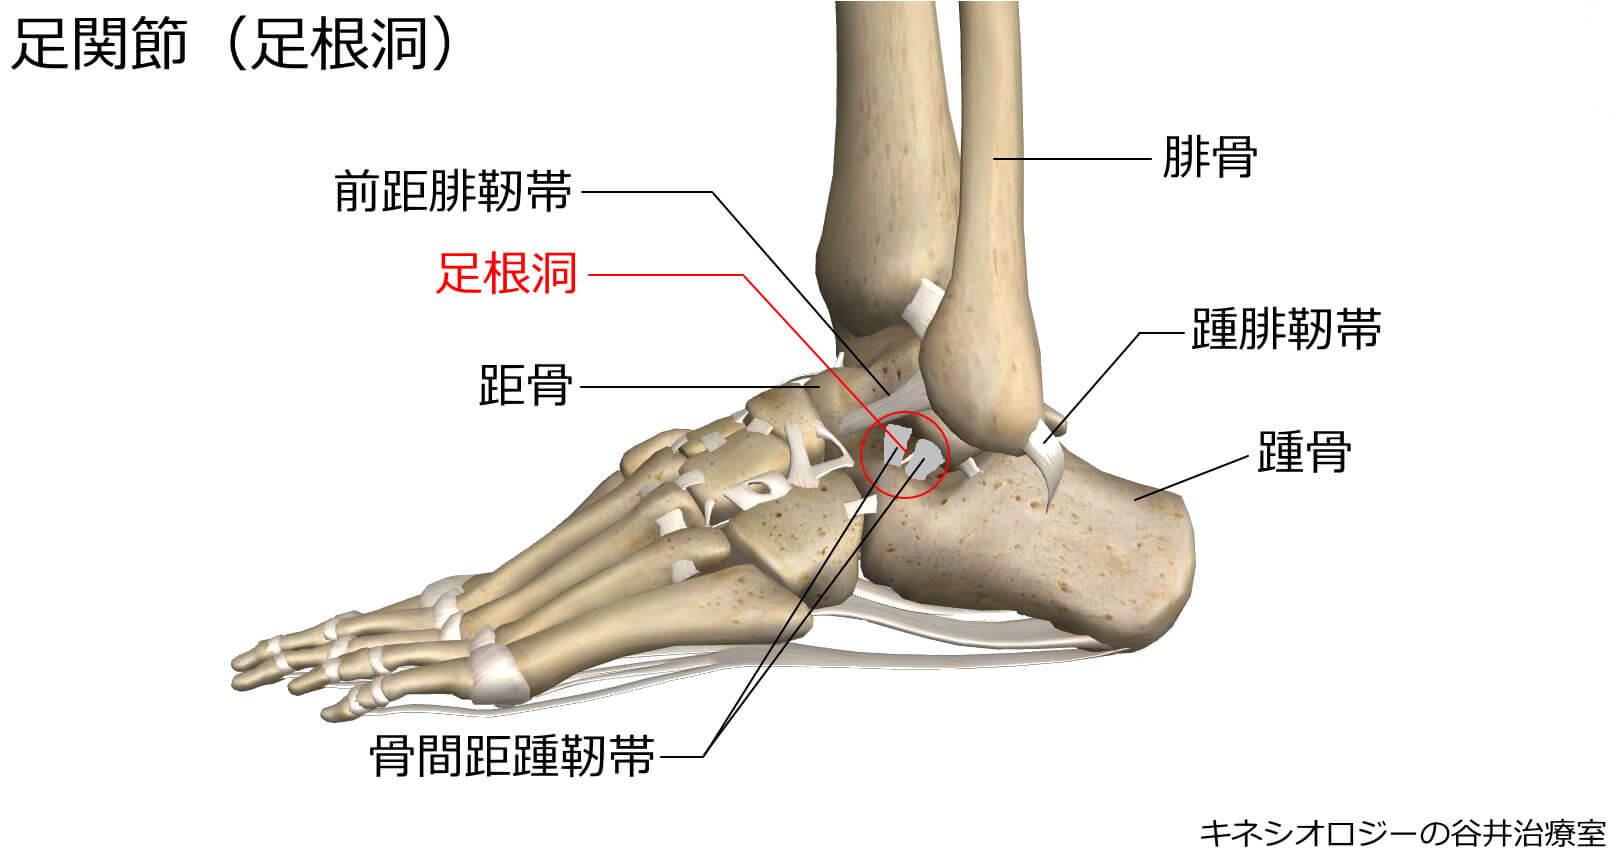 札幌足の痛み専門整体治療院 谷井治療室 足根洞の図